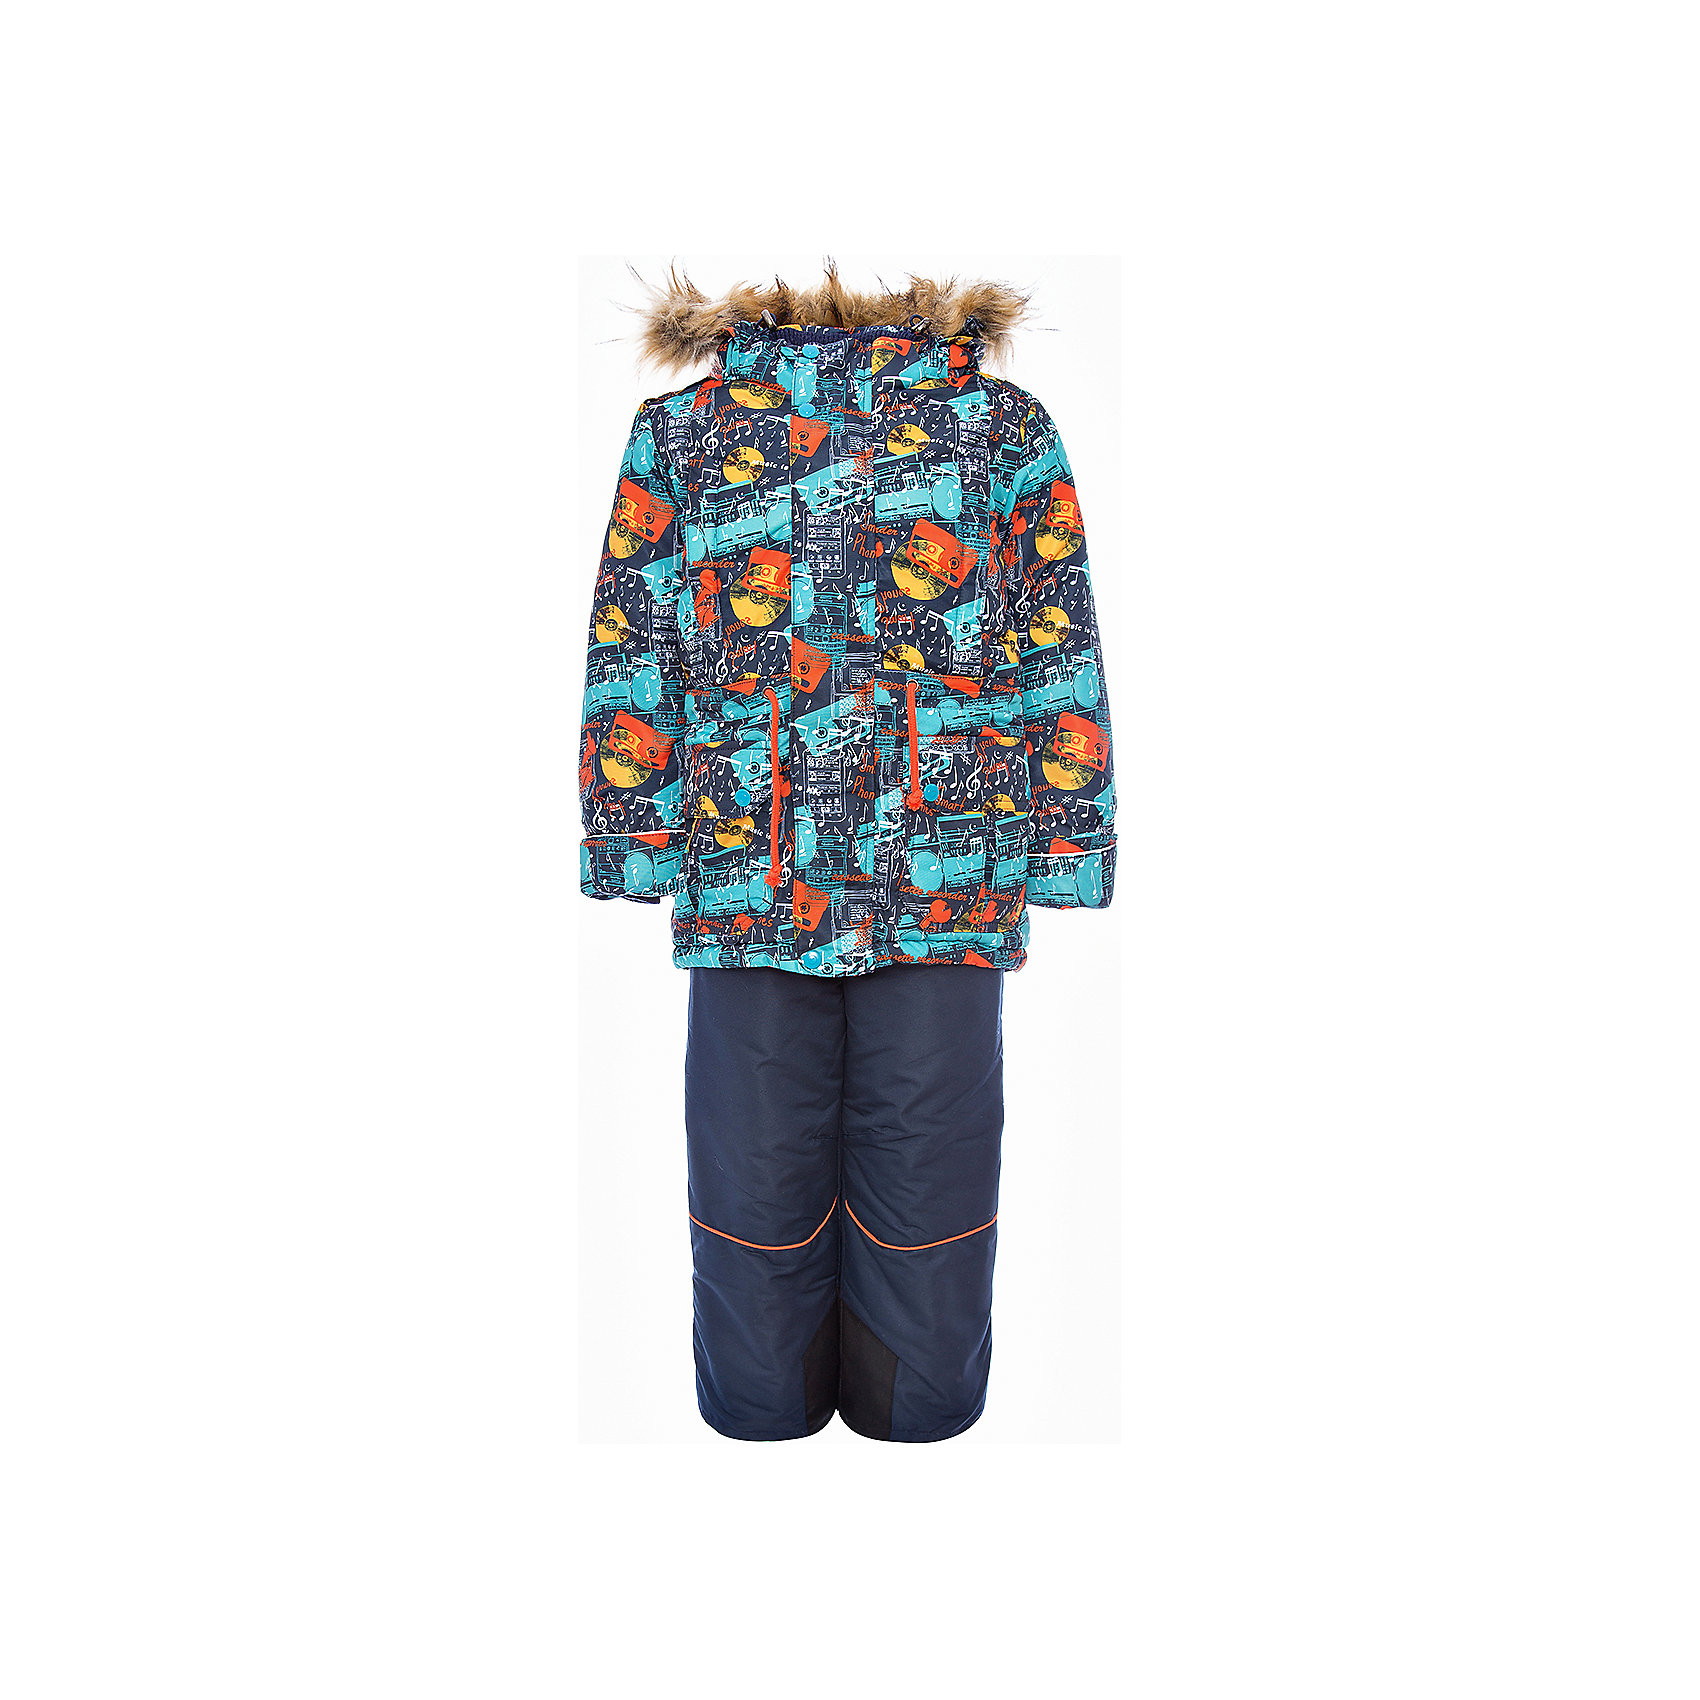 Комплект: куртка и полукомбинезон Марат OLDOS для мальчикаВерхняя одежда<br>Характеристики товара:<br><br>• цвет: синий<br>• комплектация: куртка и полукомбинезон<br>• состав ткани: 100% полиэстер, пропитка PU, Teflon<br>• подкладка: флис, полиэстер<br>• утеплитель: Hollofan 250/200 г/м2<br>• подстежка: 60% шерсть, 40% полиэстер<br>• сезон: зима<br>• температурный режим: от -35 до 0<br>• застежка: молния<br>• капюшон: с мехом, съемный<br>• подстежка в комплекте<br>• страна бренда: Россия<br>• страна изготовитель: Россия<br><br>Зимний комплект для мальчика дополнен удобными карманами регулируемыми подтяжками, капюшоном, планкой и внутренней манжетой. Этот детский комплект обеспечит тепло и комфорт даже в сильные холода. Теплый детский комплект сделан из качественных материалов. Этот костюм для мальчика можно сделать теплее с помощью шерстяной подстежки. <br><br>Комплект: куртка и полукомбинезон Марат Oldos (Олдос) для мальчика можно купить в нашем интернет-магазине.<br><br>Ширина мм: 356<br>Глубина мм: 10<br>Высота мм: 245<br>Вес г: 519<br>Цвет: синий<br>Возраст от месяцев: 72<br>Возраст до месяцев: 84<br>Пол: Мужской<br>Возраст: Детский<br>Размер: 122,104,110,116<br>SKU: 7016952